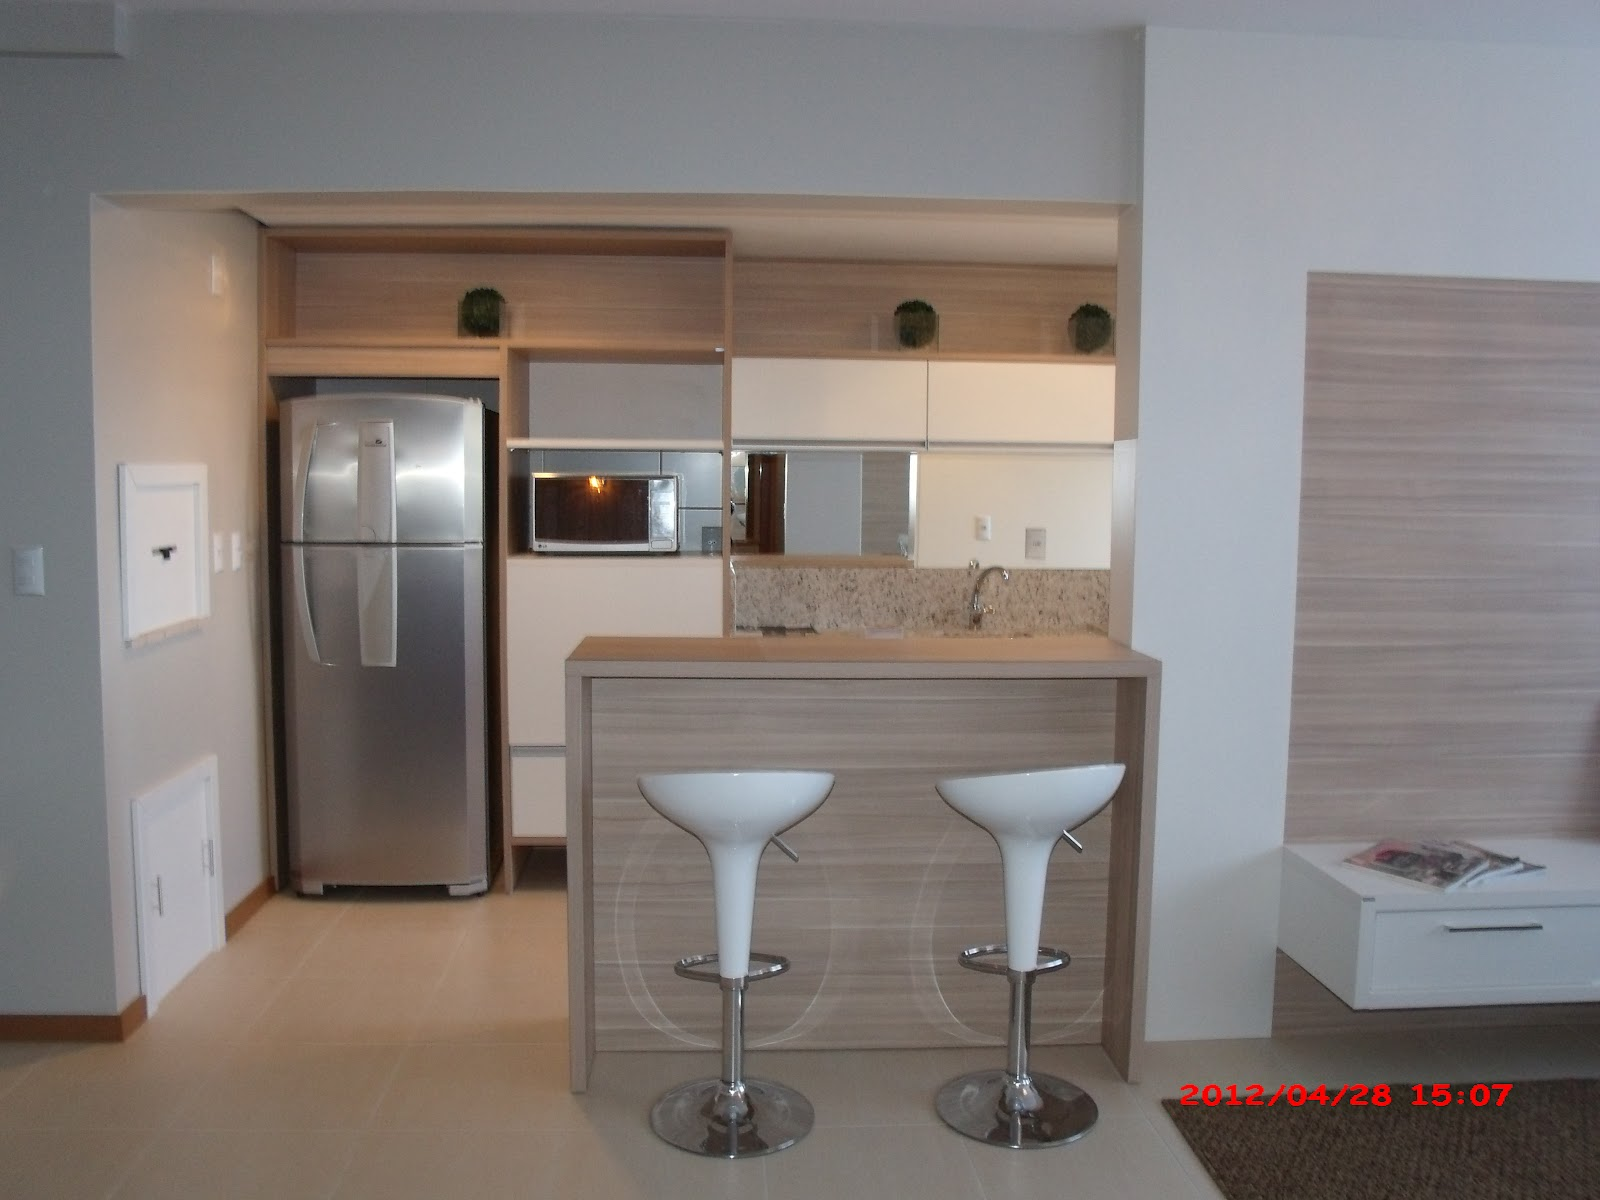 sala de estar jantar e cozinha integradas pequenas sala de estar #B71514 1600x1200